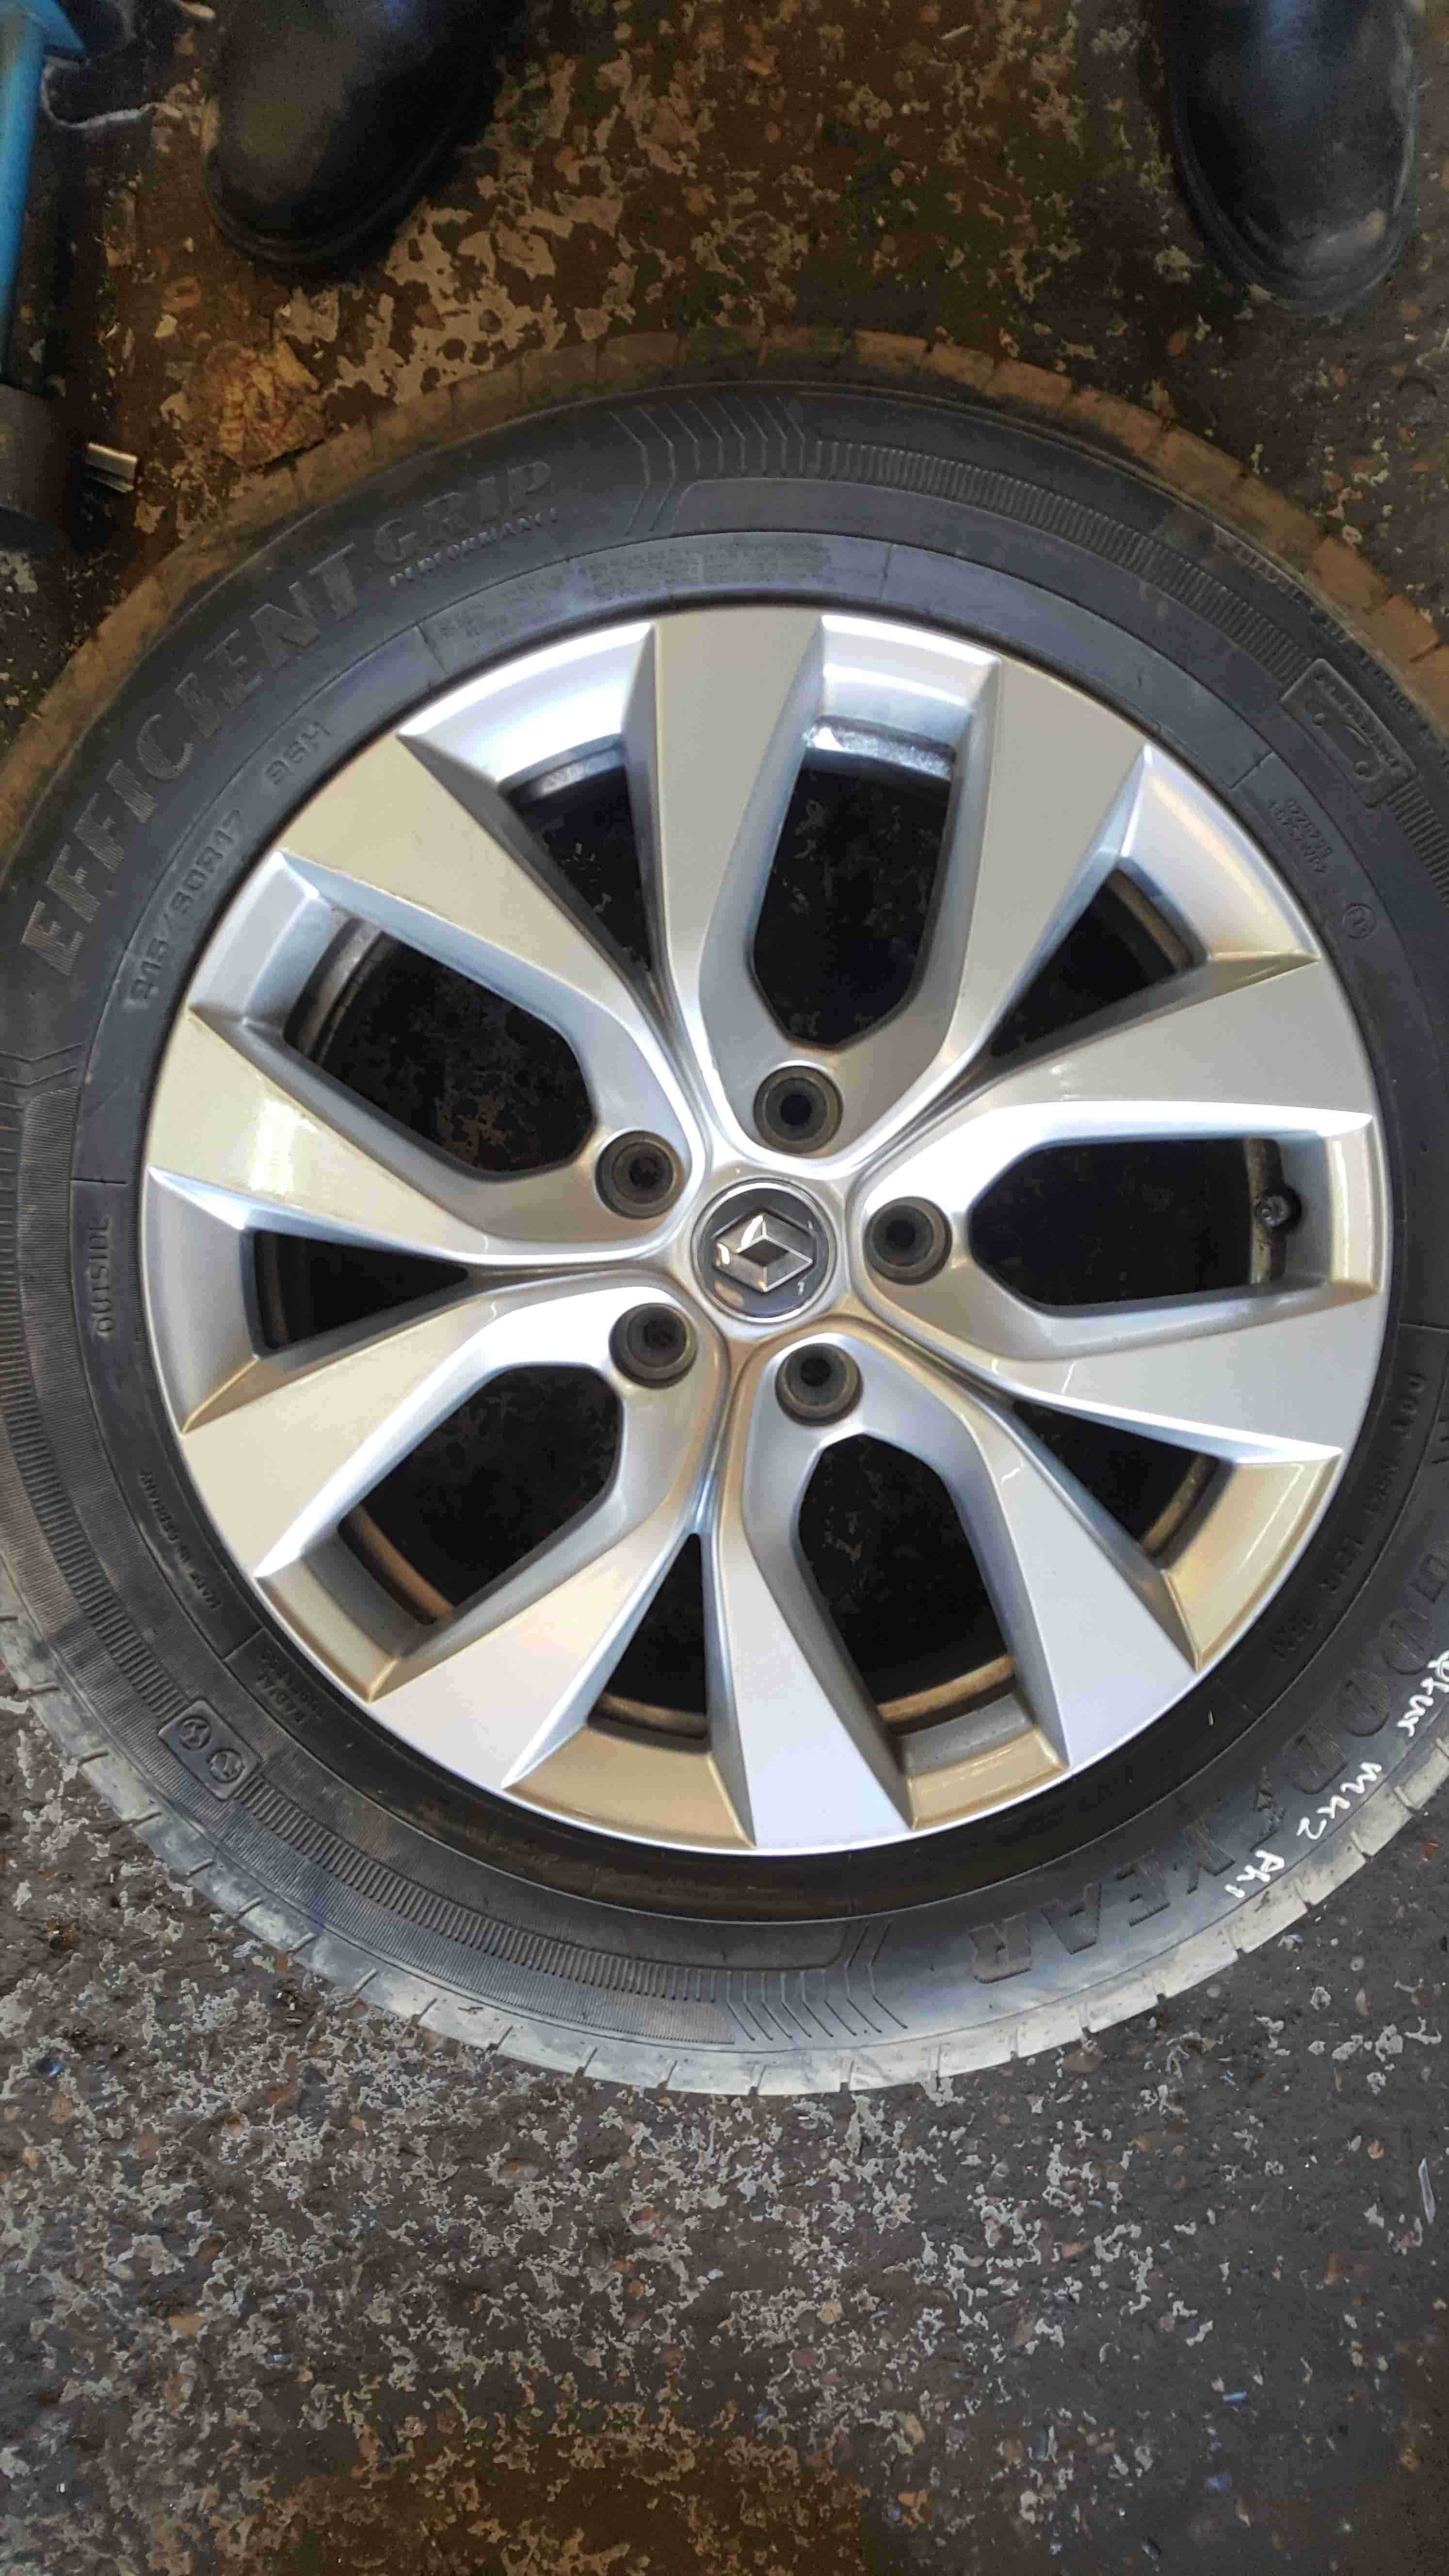 Renault Captur 2019-2021 Alloy Wheel + Tyre 215 60 17 6mm